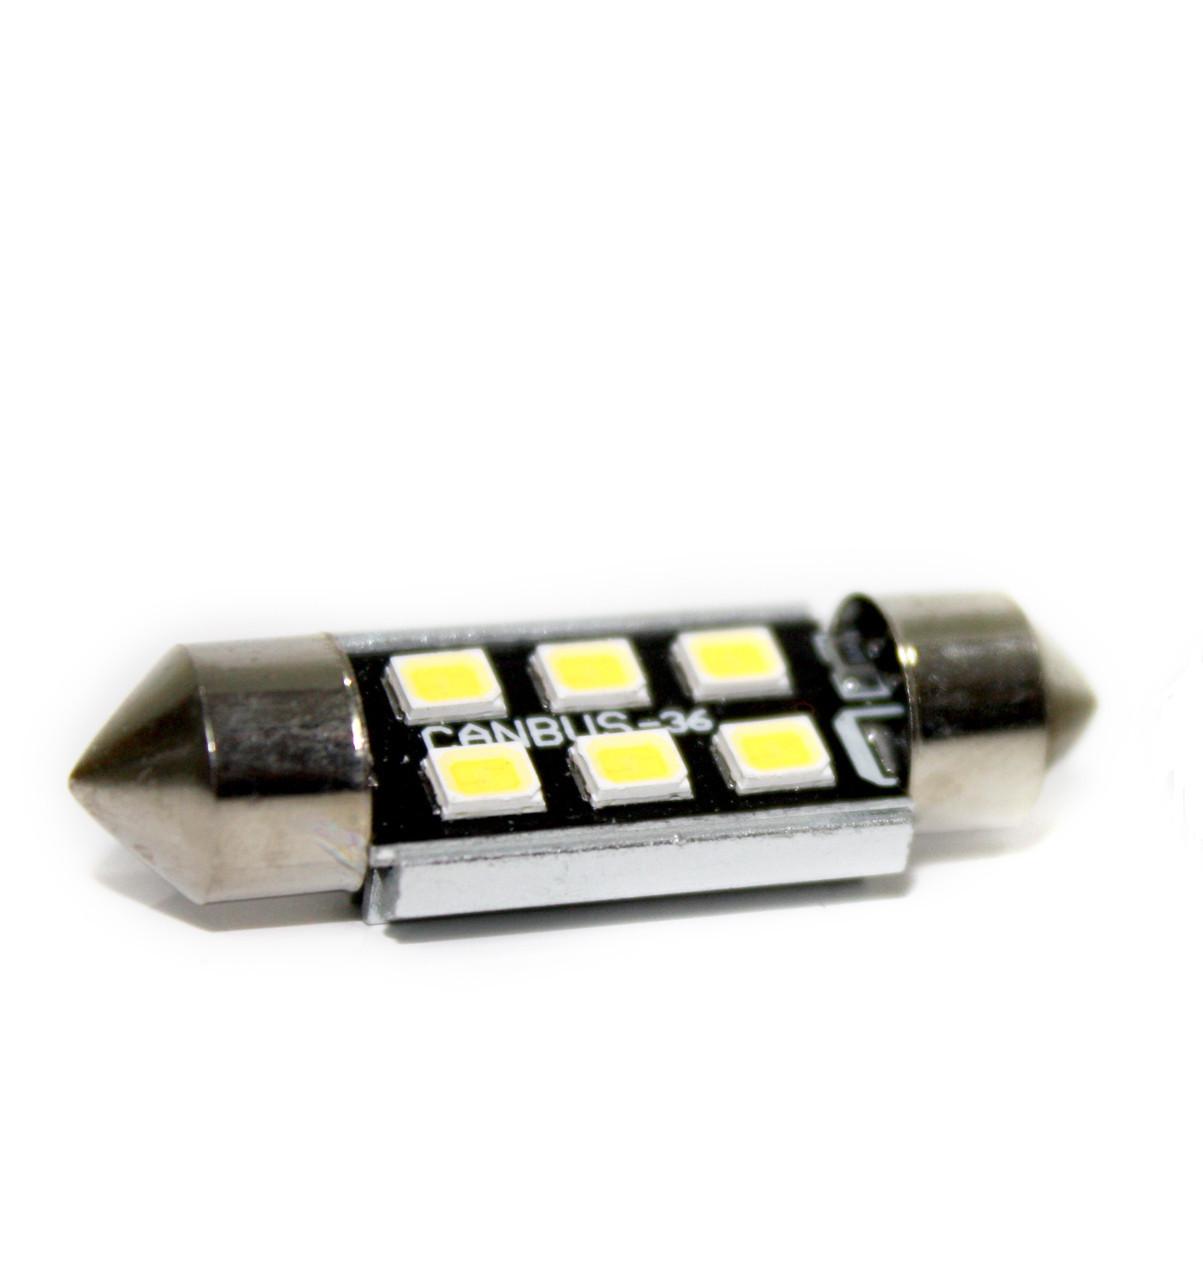 Автолампа LED BTLE1285, C5W, SMD2835, CANBUS, 41 мм